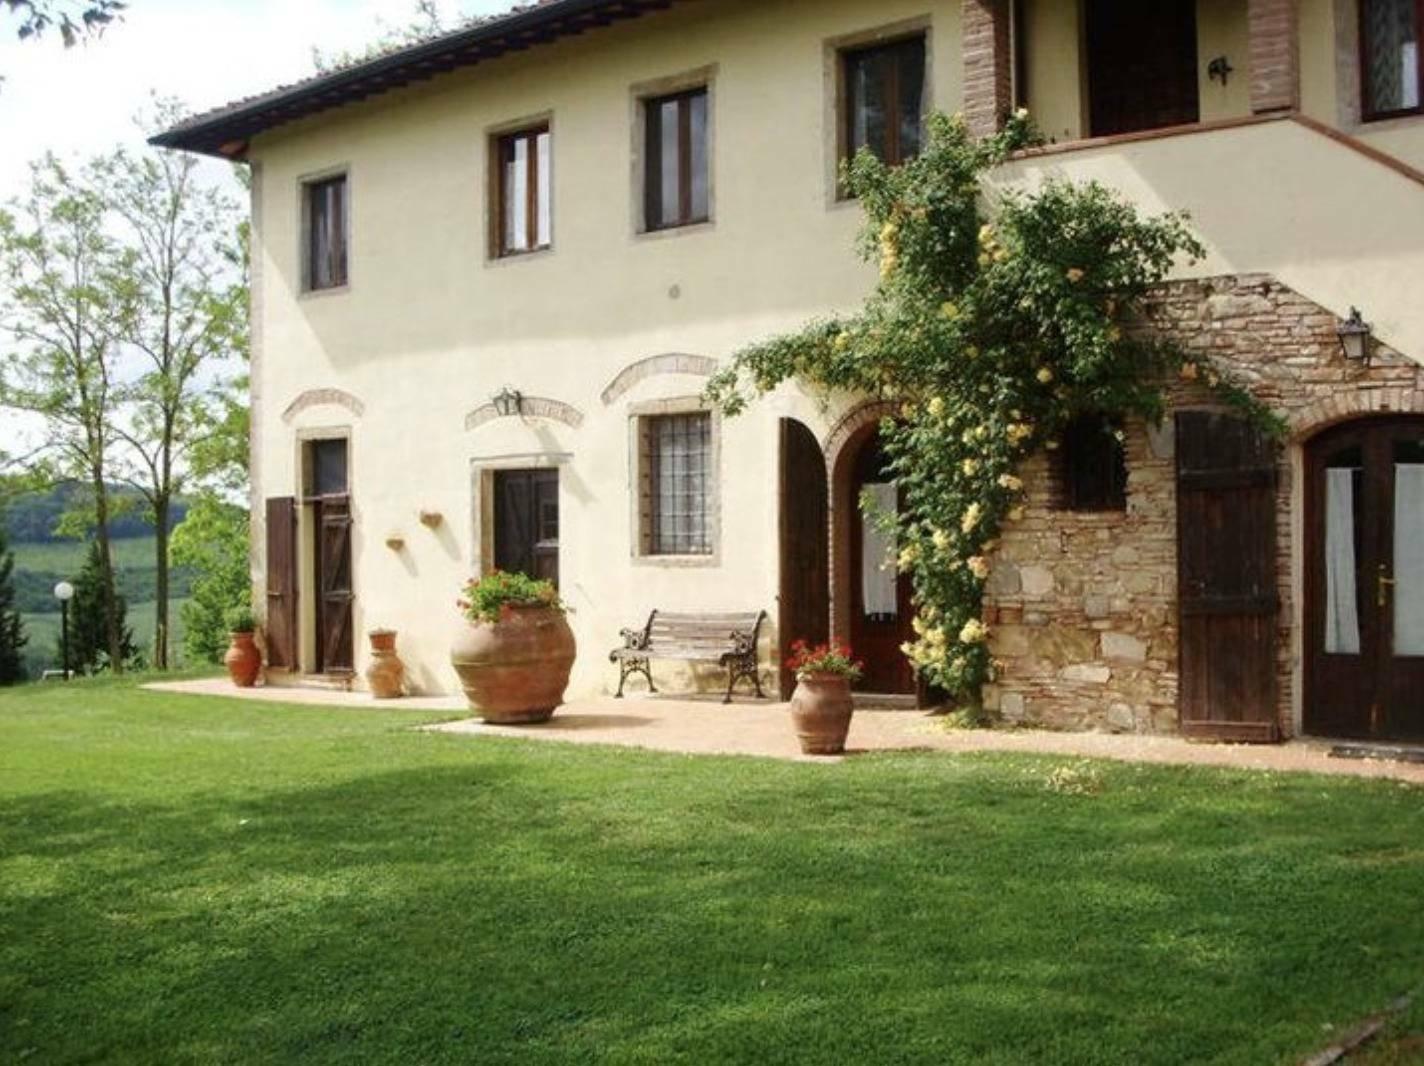 Farm Ranch in Tuscany, Italy 1 - 11427109